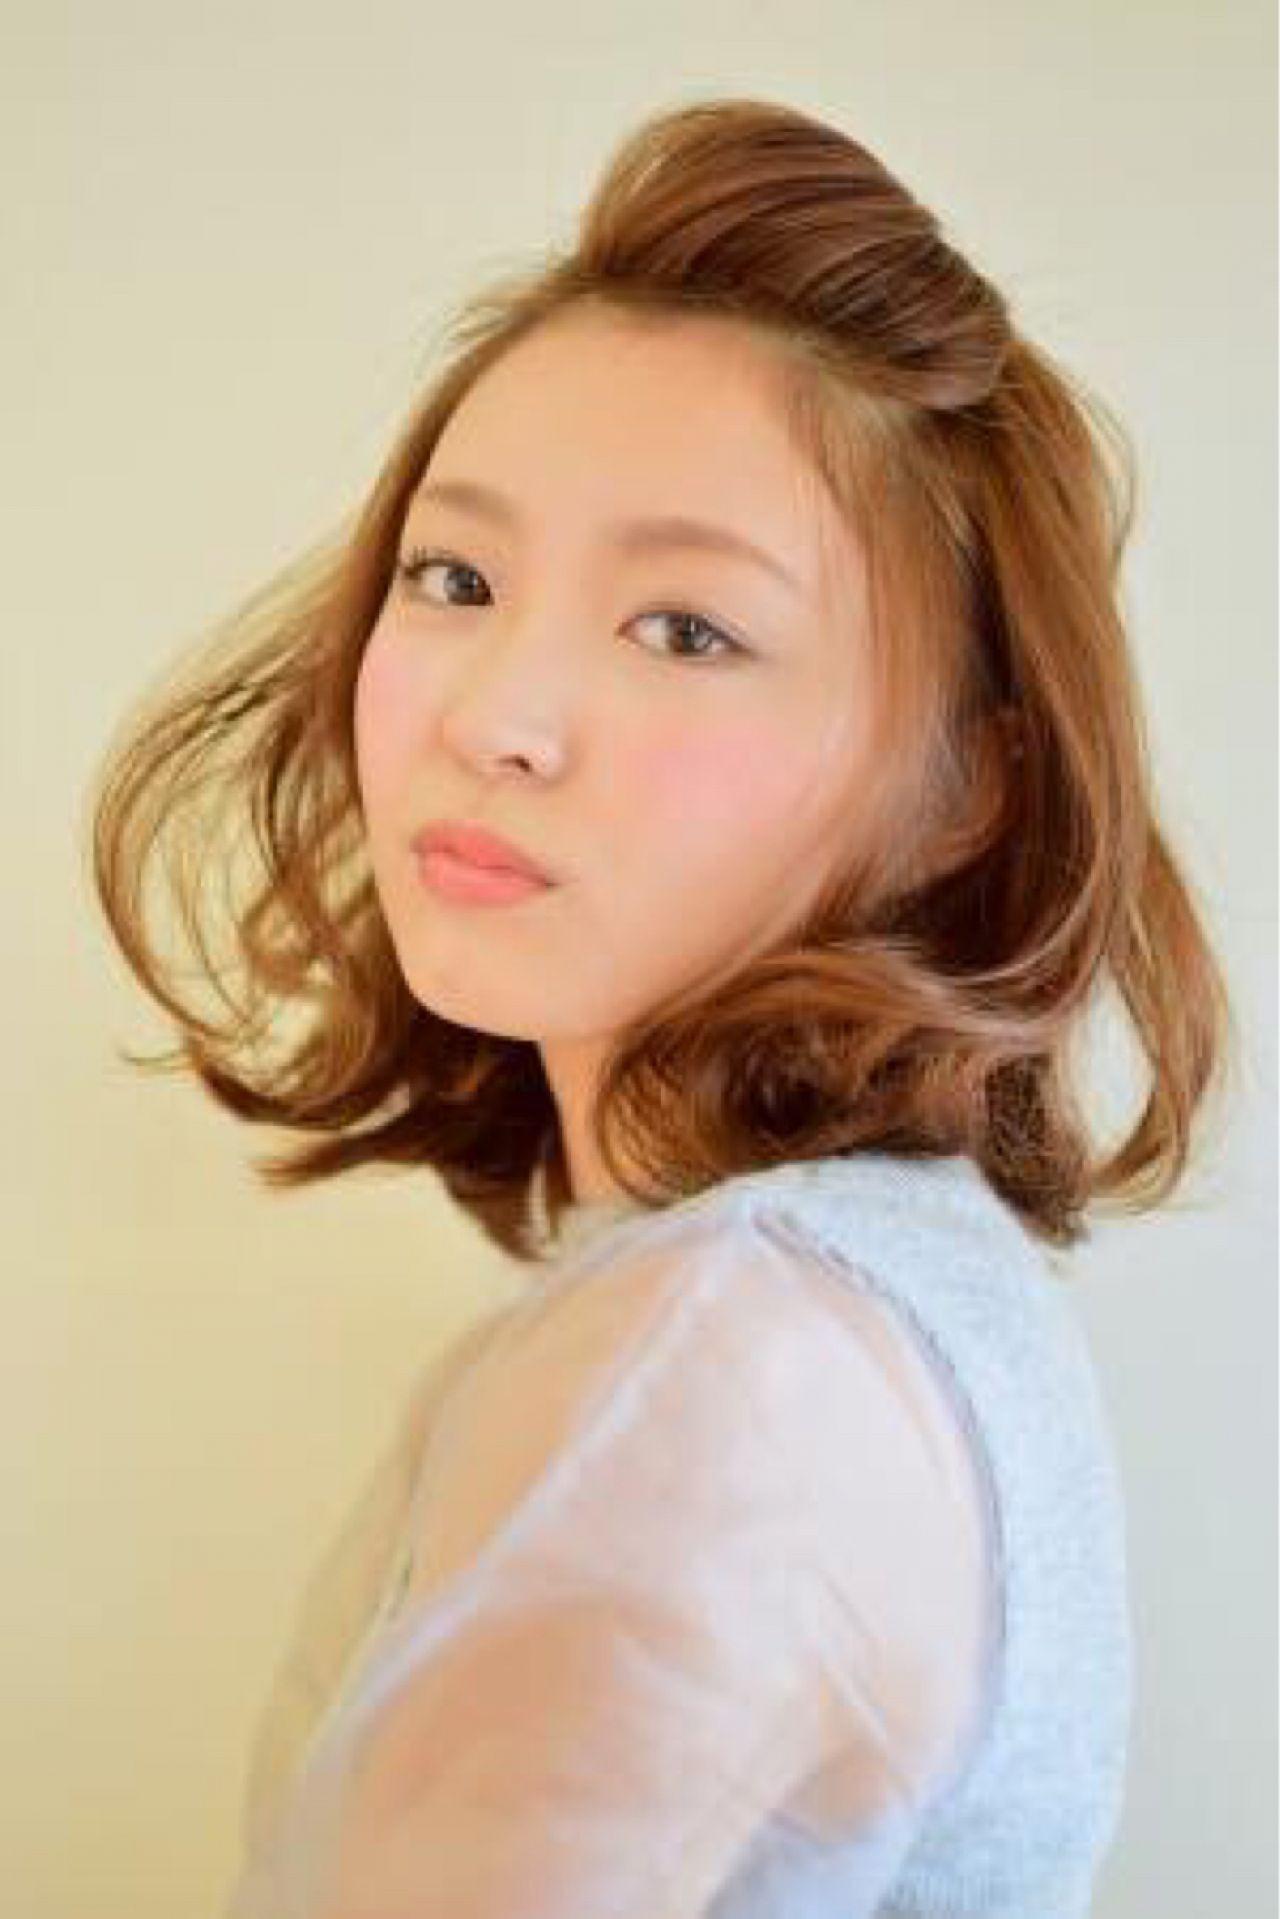 すっきりとまとめて好印象に!前髪アップで印象チェンジ♡ 篠原 美佐生